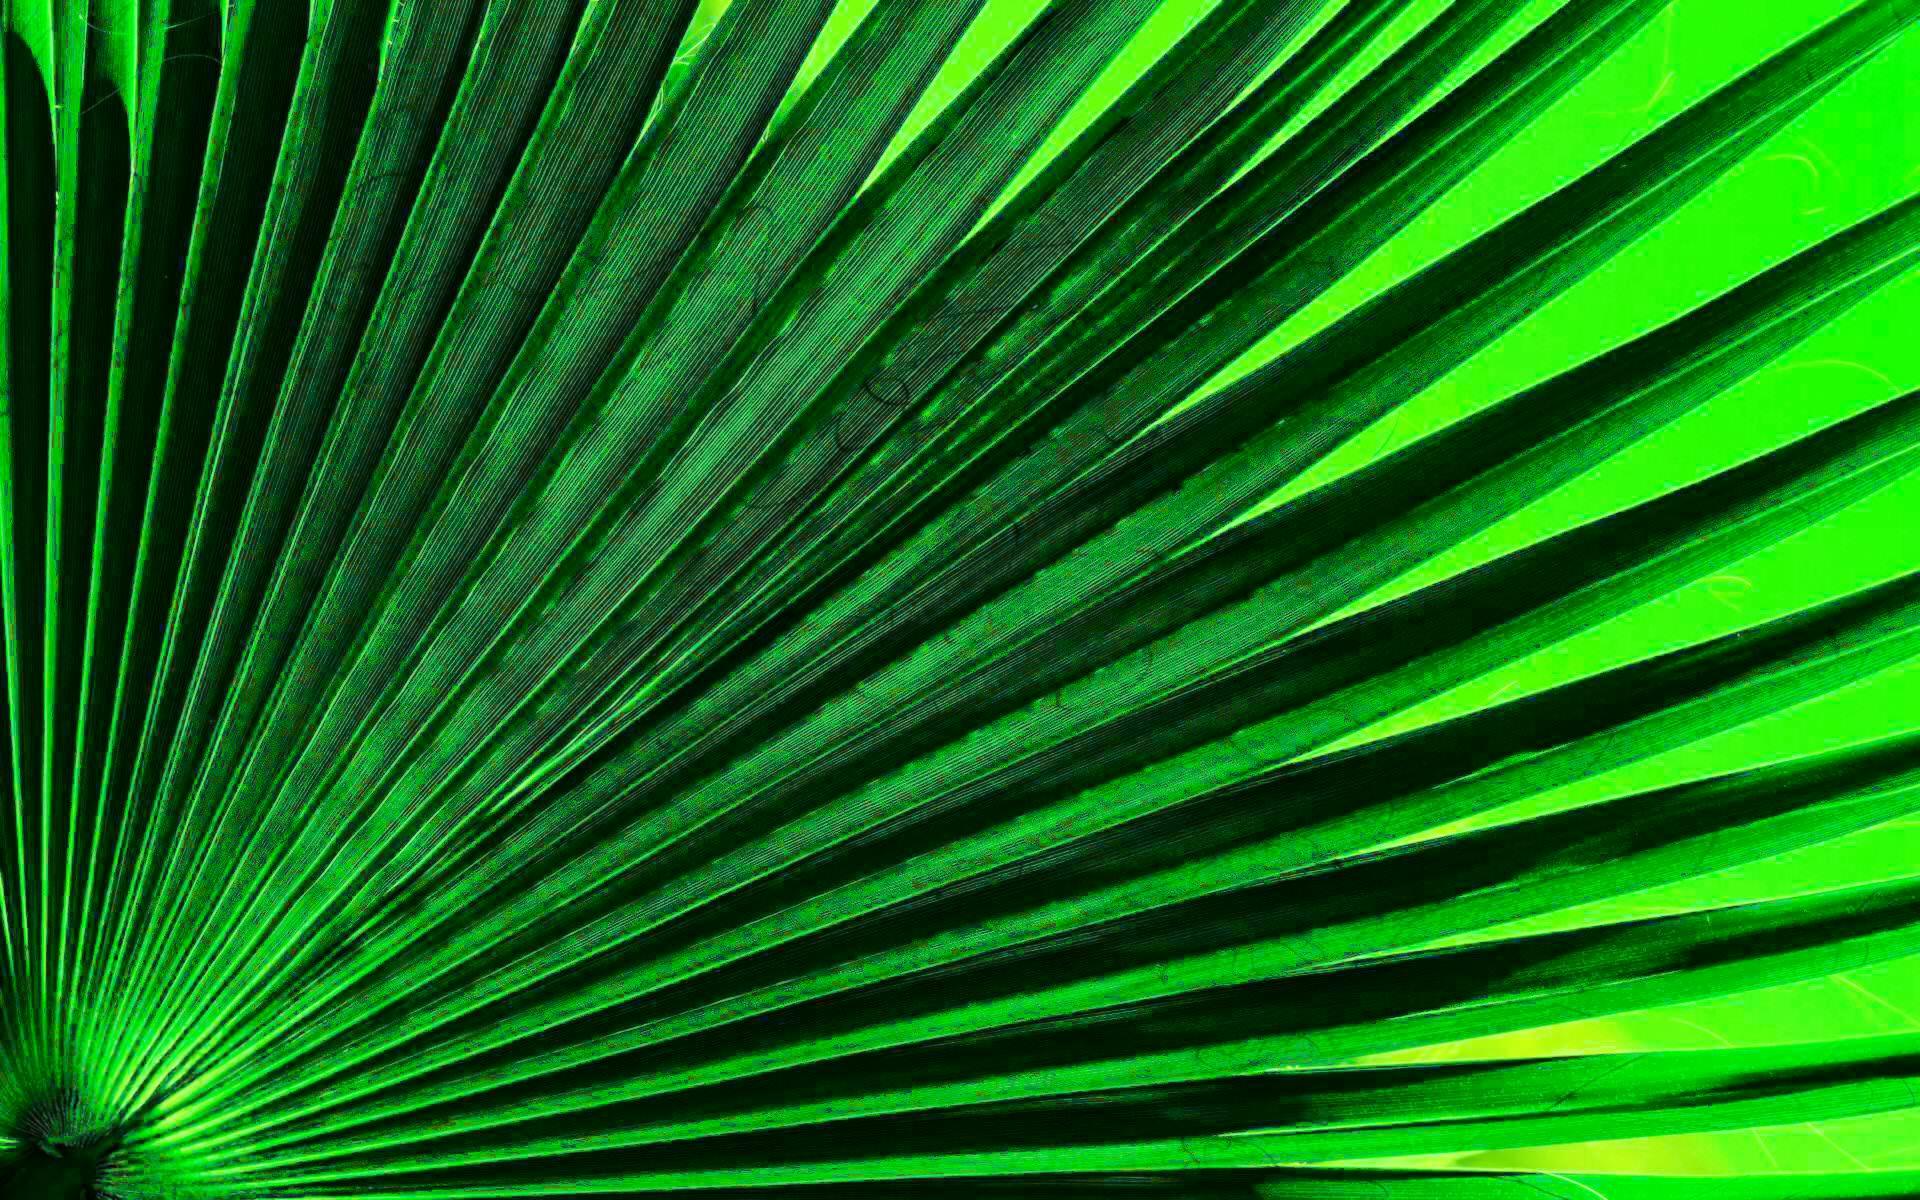 Green Leaf Tissue Textured Background